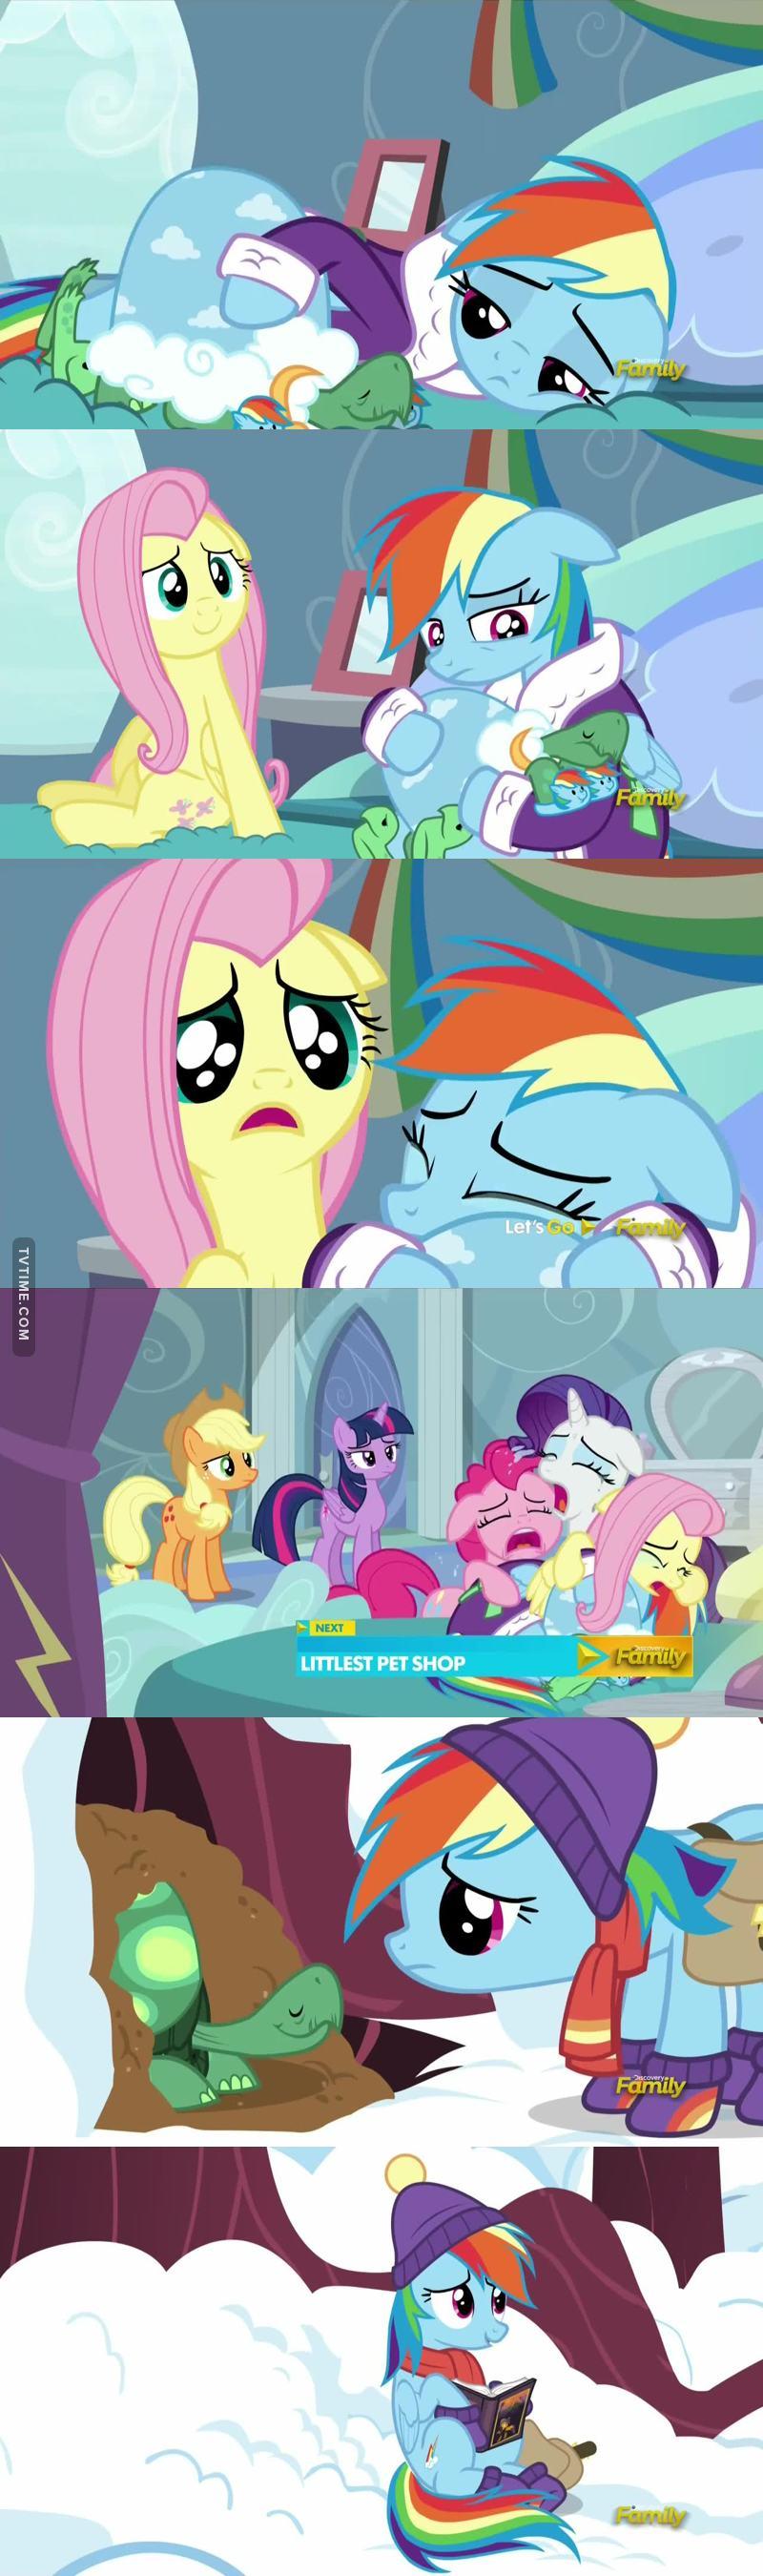 Pobre Rainbowdash! Ainda bem que ela tem as amigas por perto ❤️